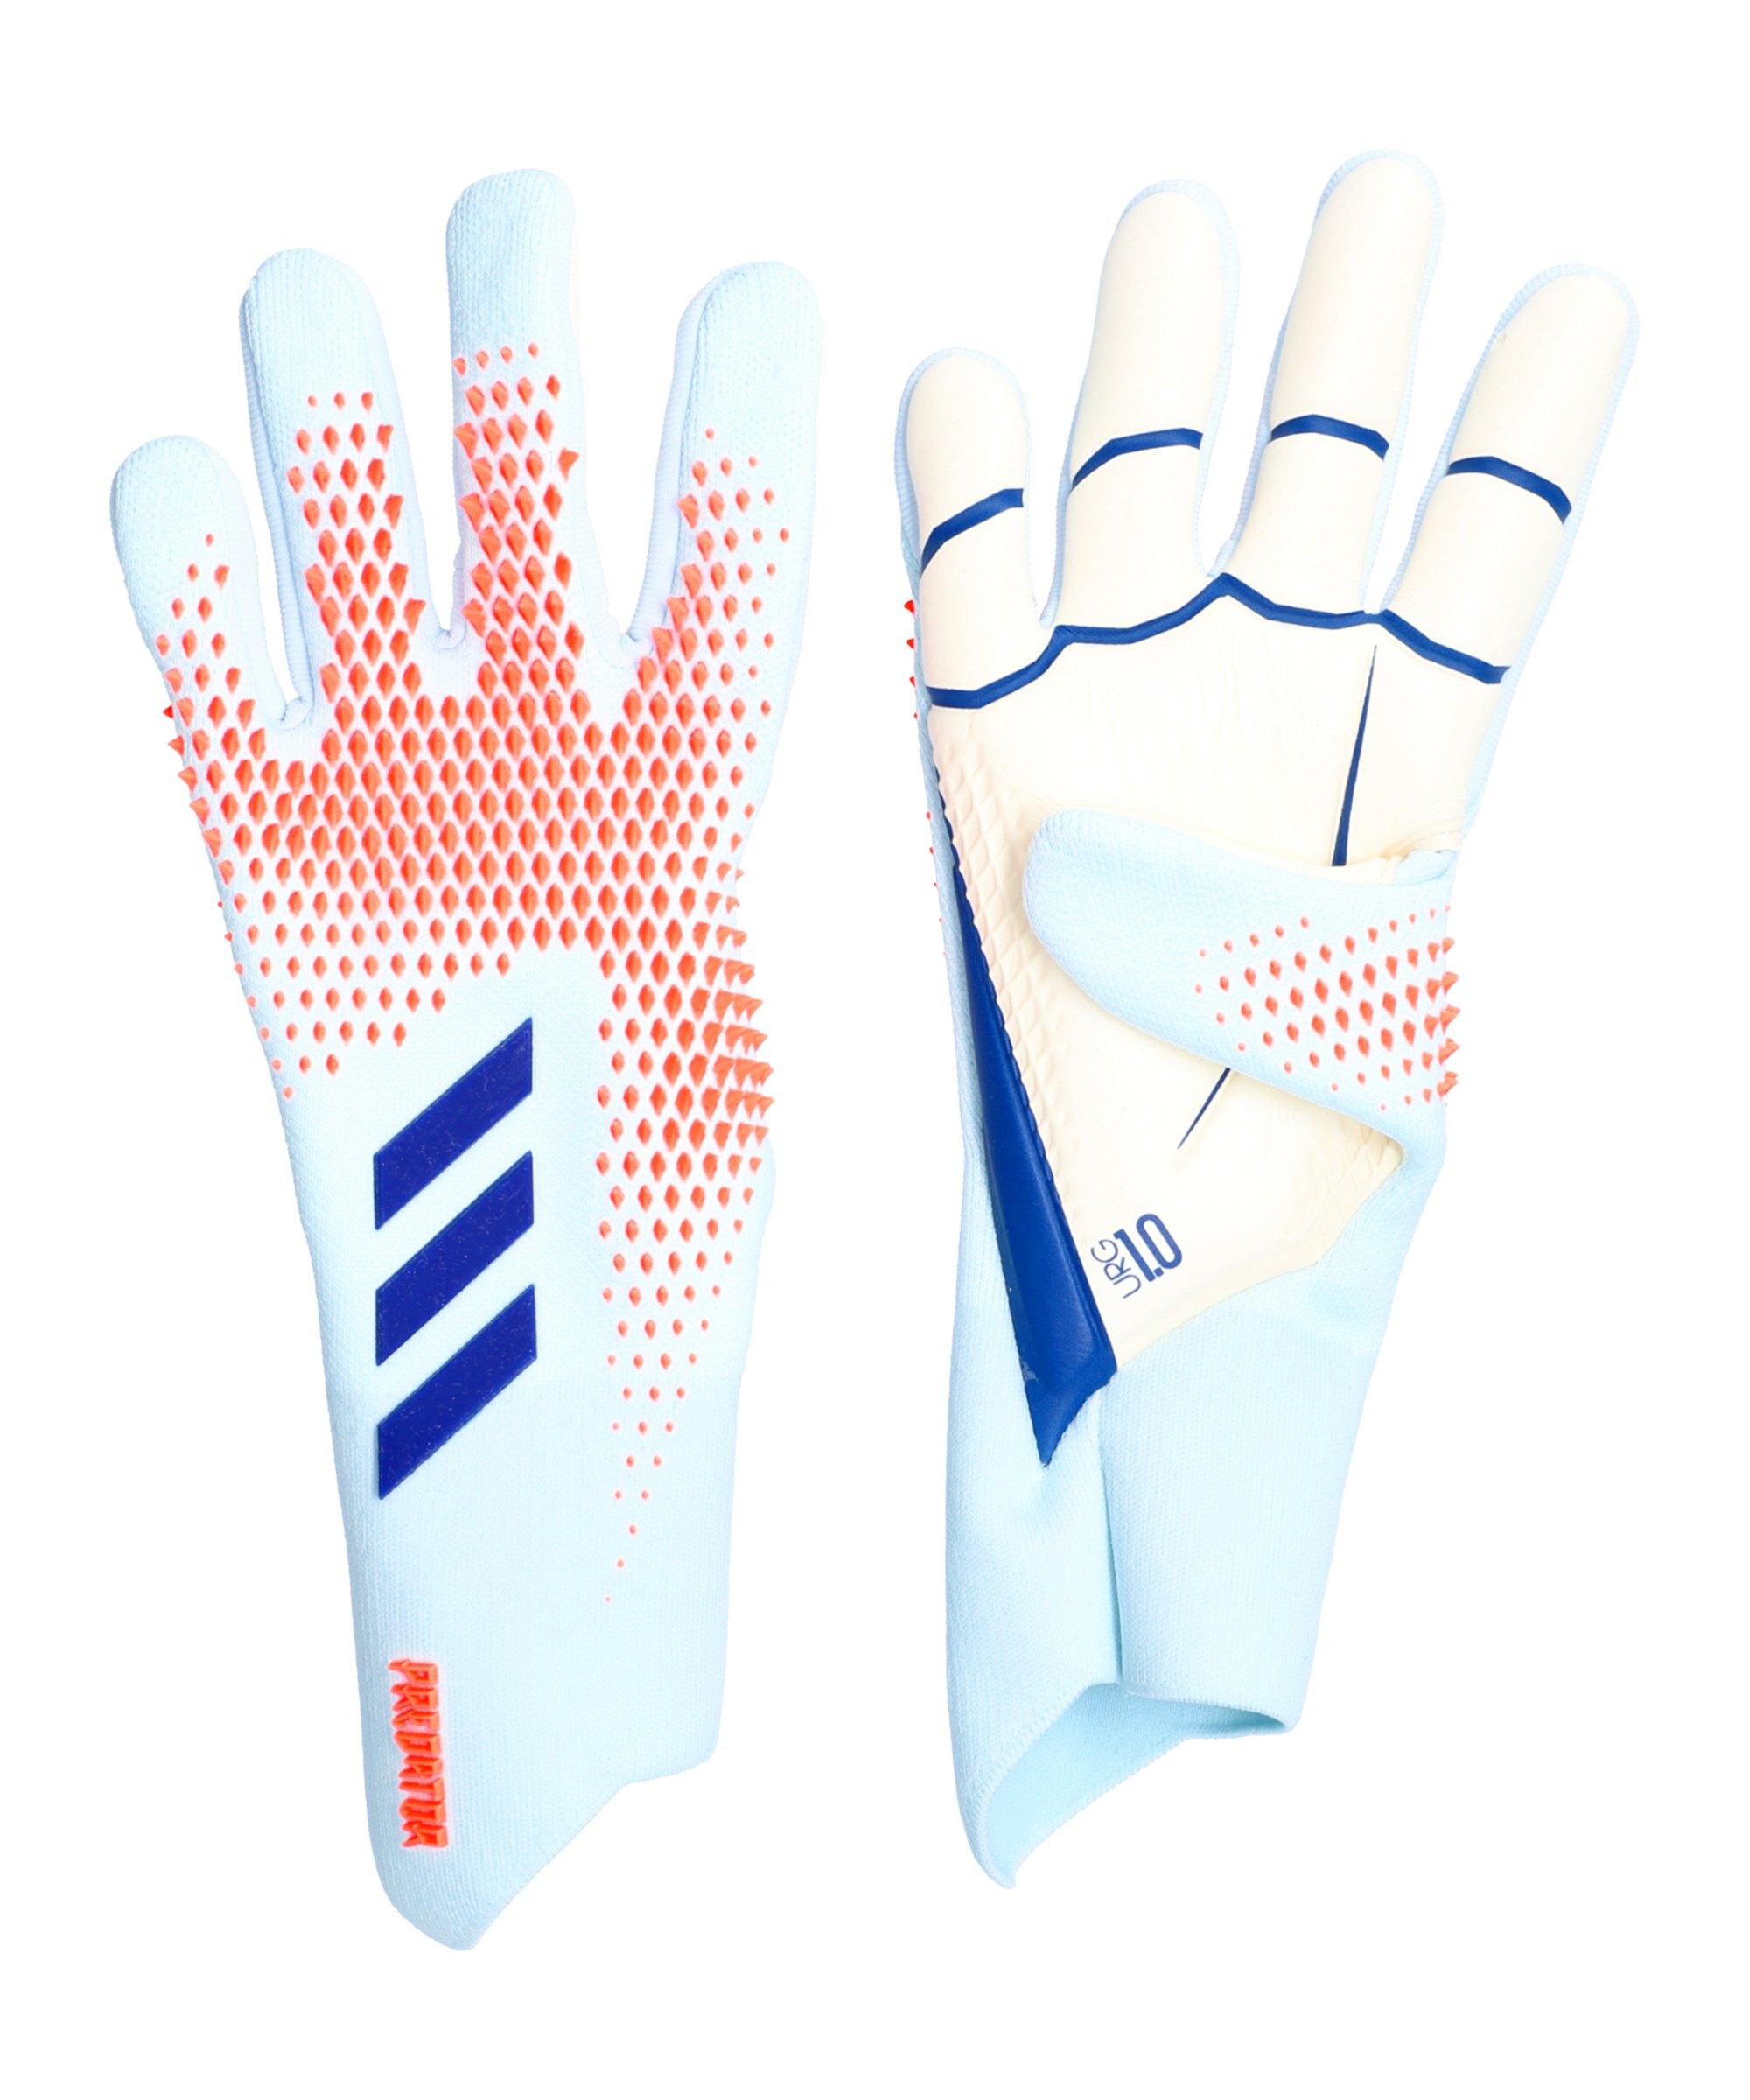 adidas Predator Pro Promo Torwarthandschuhe Blau - blau